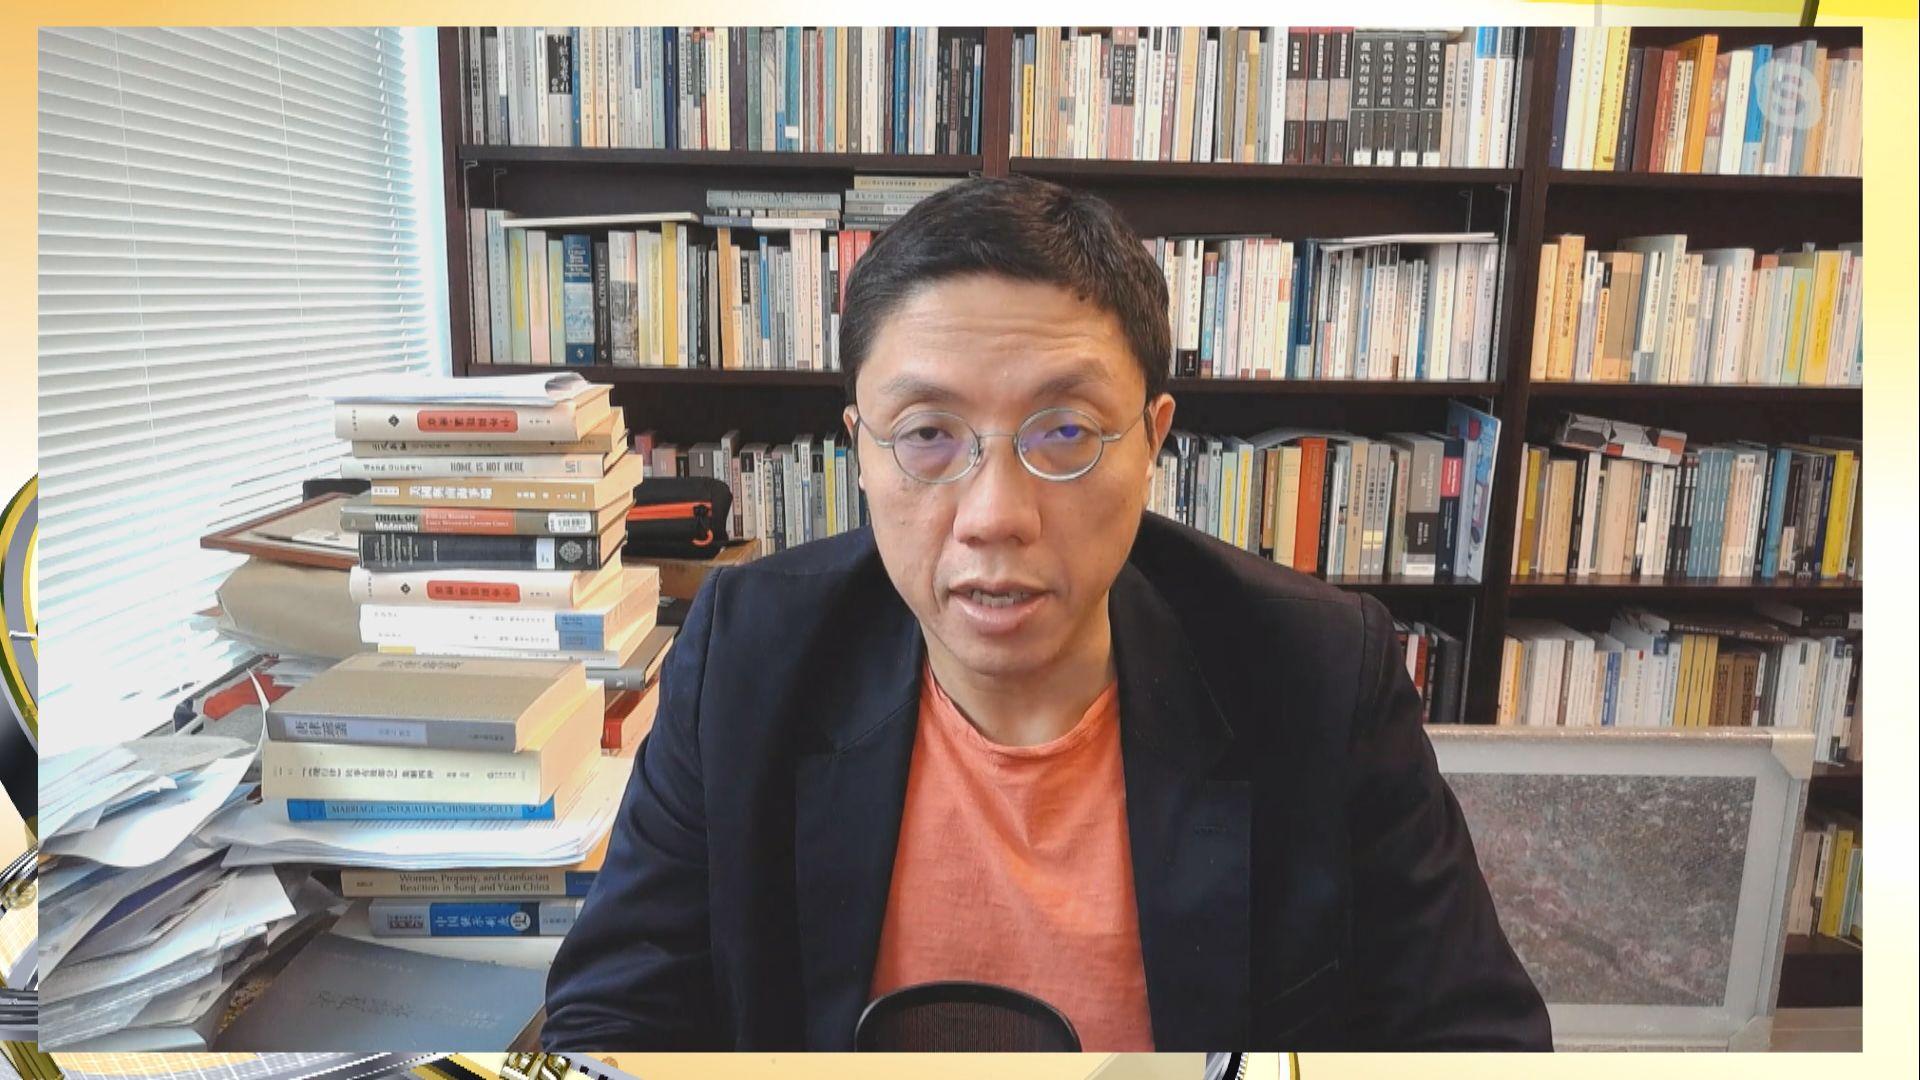 【MAX觀點】國安法北京立案準則模糊 政府應交代免因揣測誤墮法網